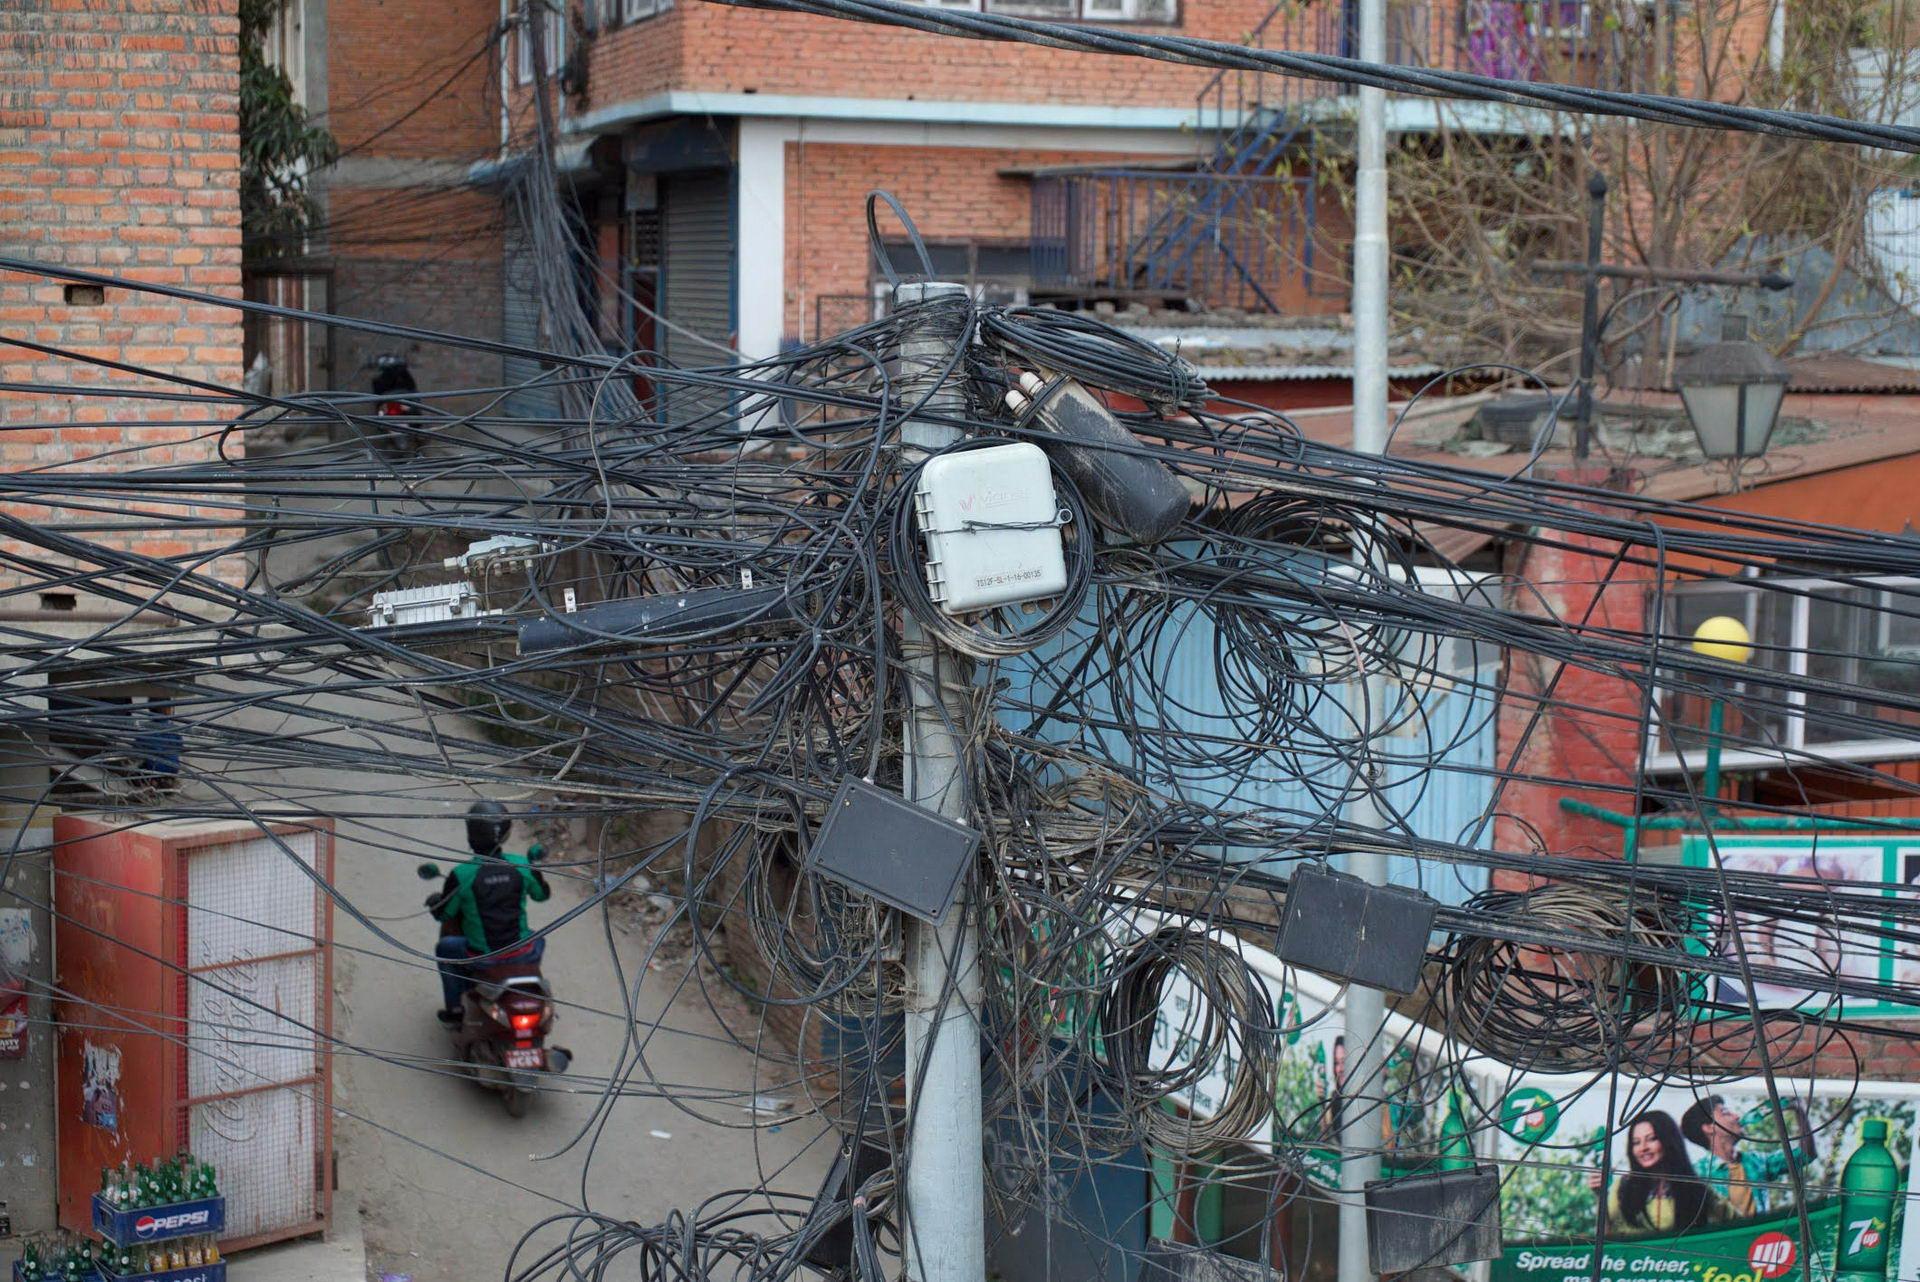 1529671829_kathmandu_commuter_hell_002582_011